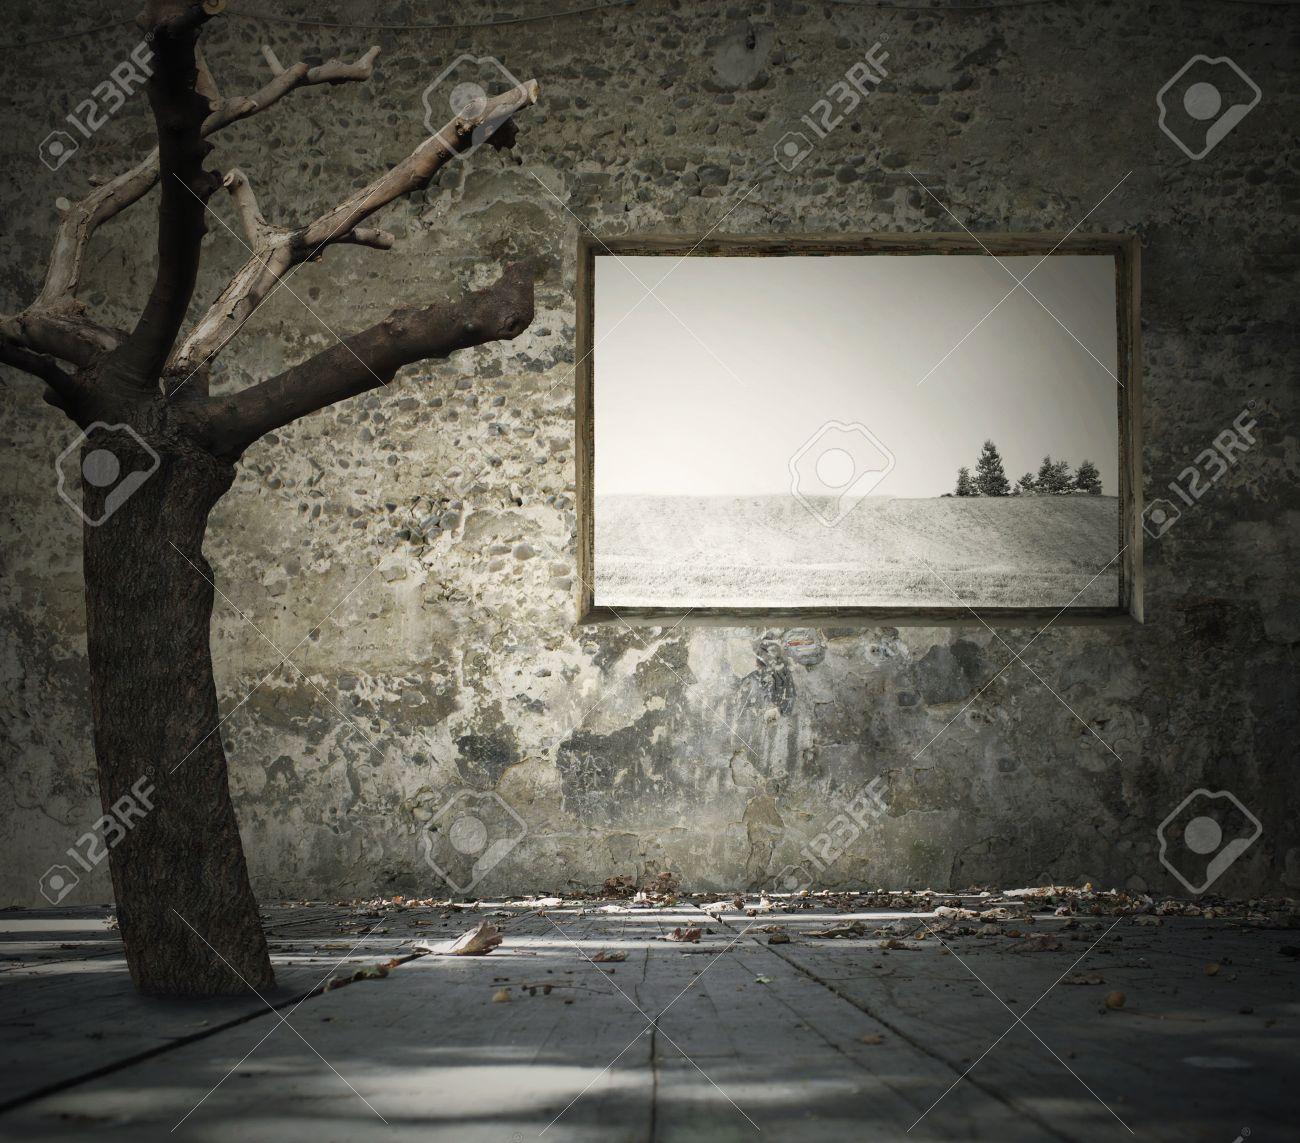 美しいメランコリックな背景と退廃的な部屋の中のツリーを表す葉階風景を